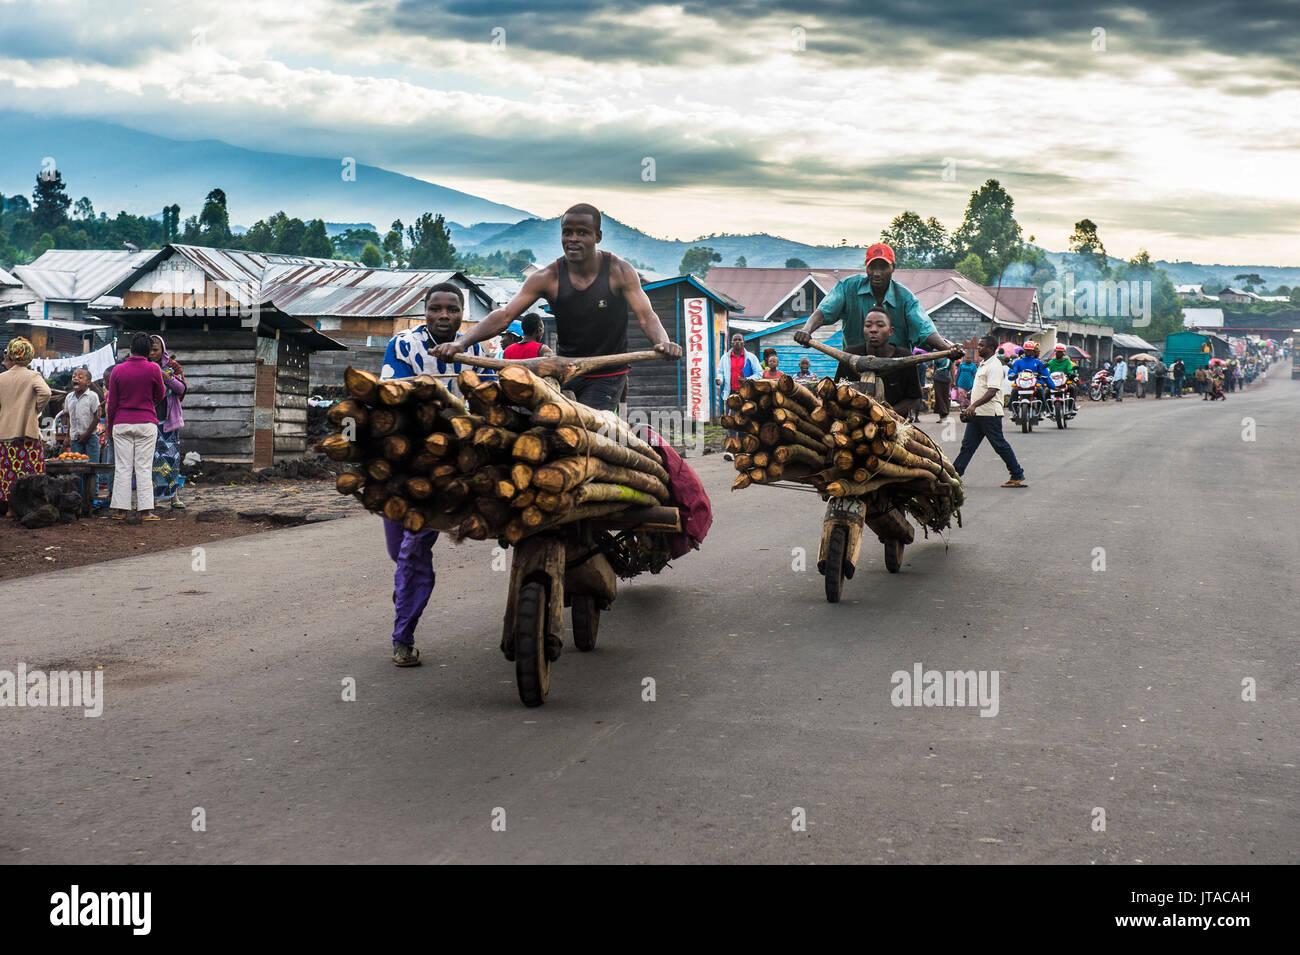 Gli uomini locali di trasportare le loro merci su self made vettori, Goma, nella Repubblica democratica del Congo, Africa Immagini Stock